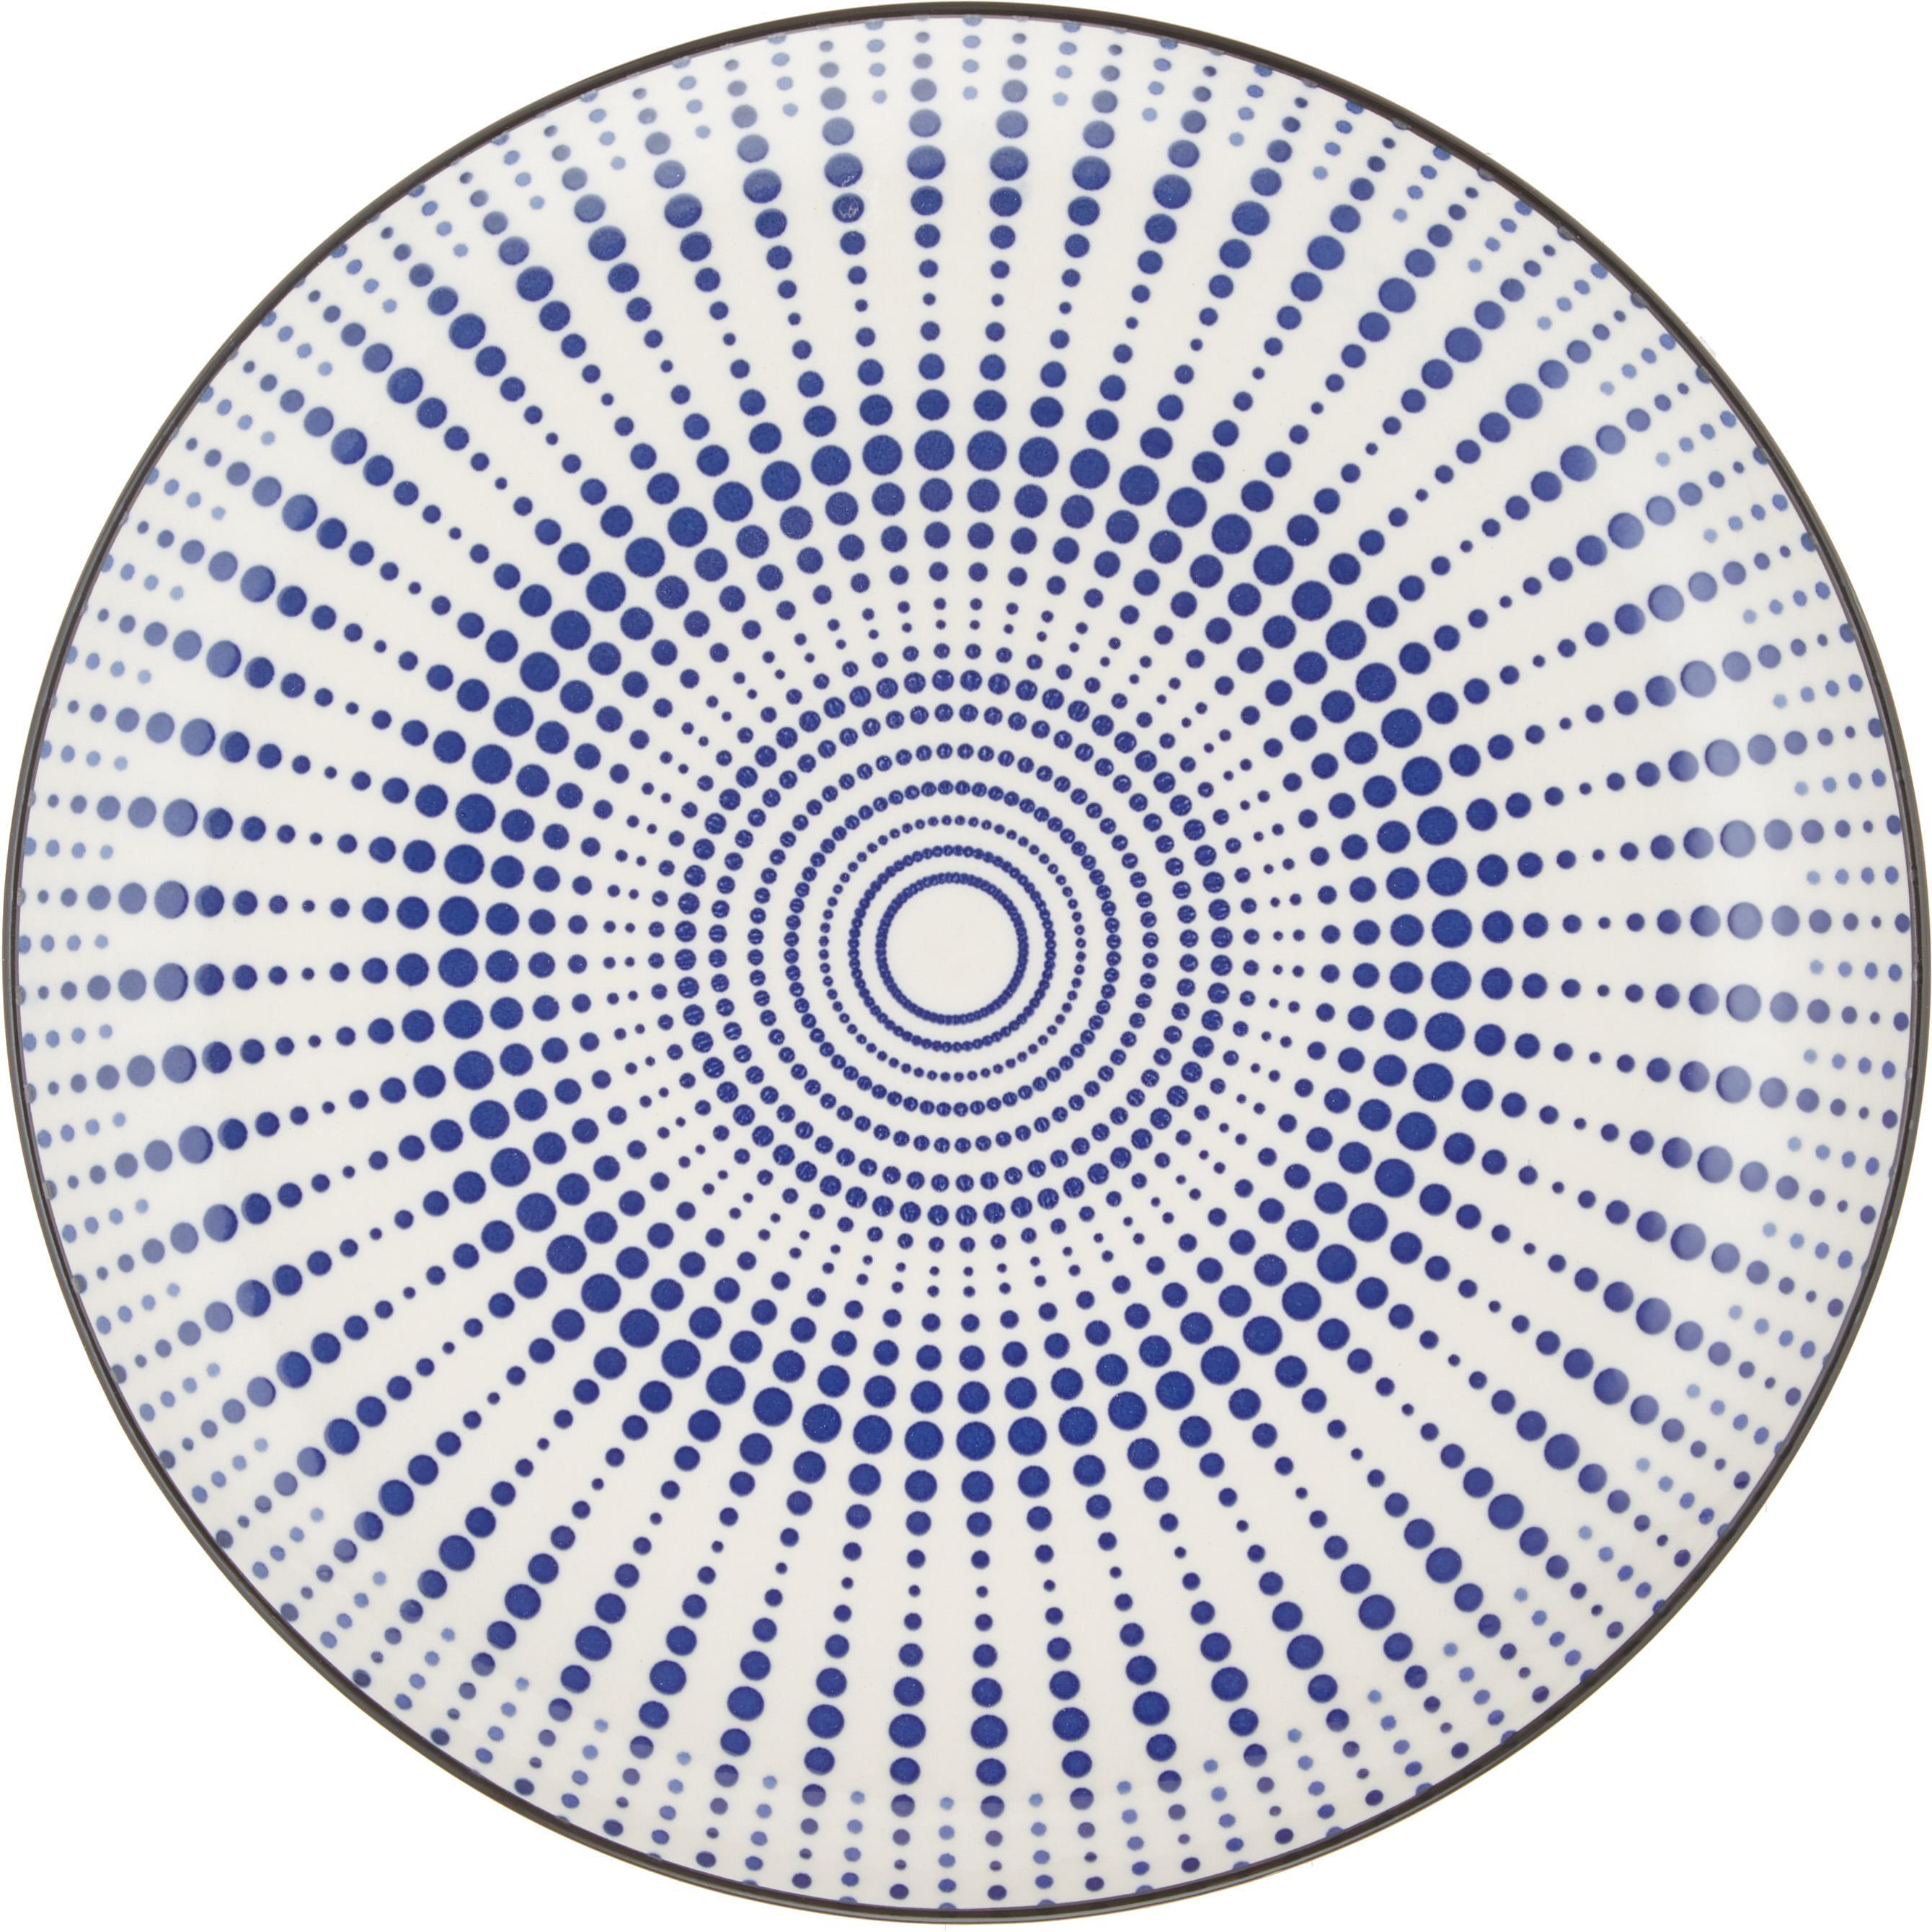 Komplet naczyń  Skiathos, 18 elem., Kamionka, Odcienie niebieskiego, złamana biel Krawędzie: antracytowy, Różne rozmiary